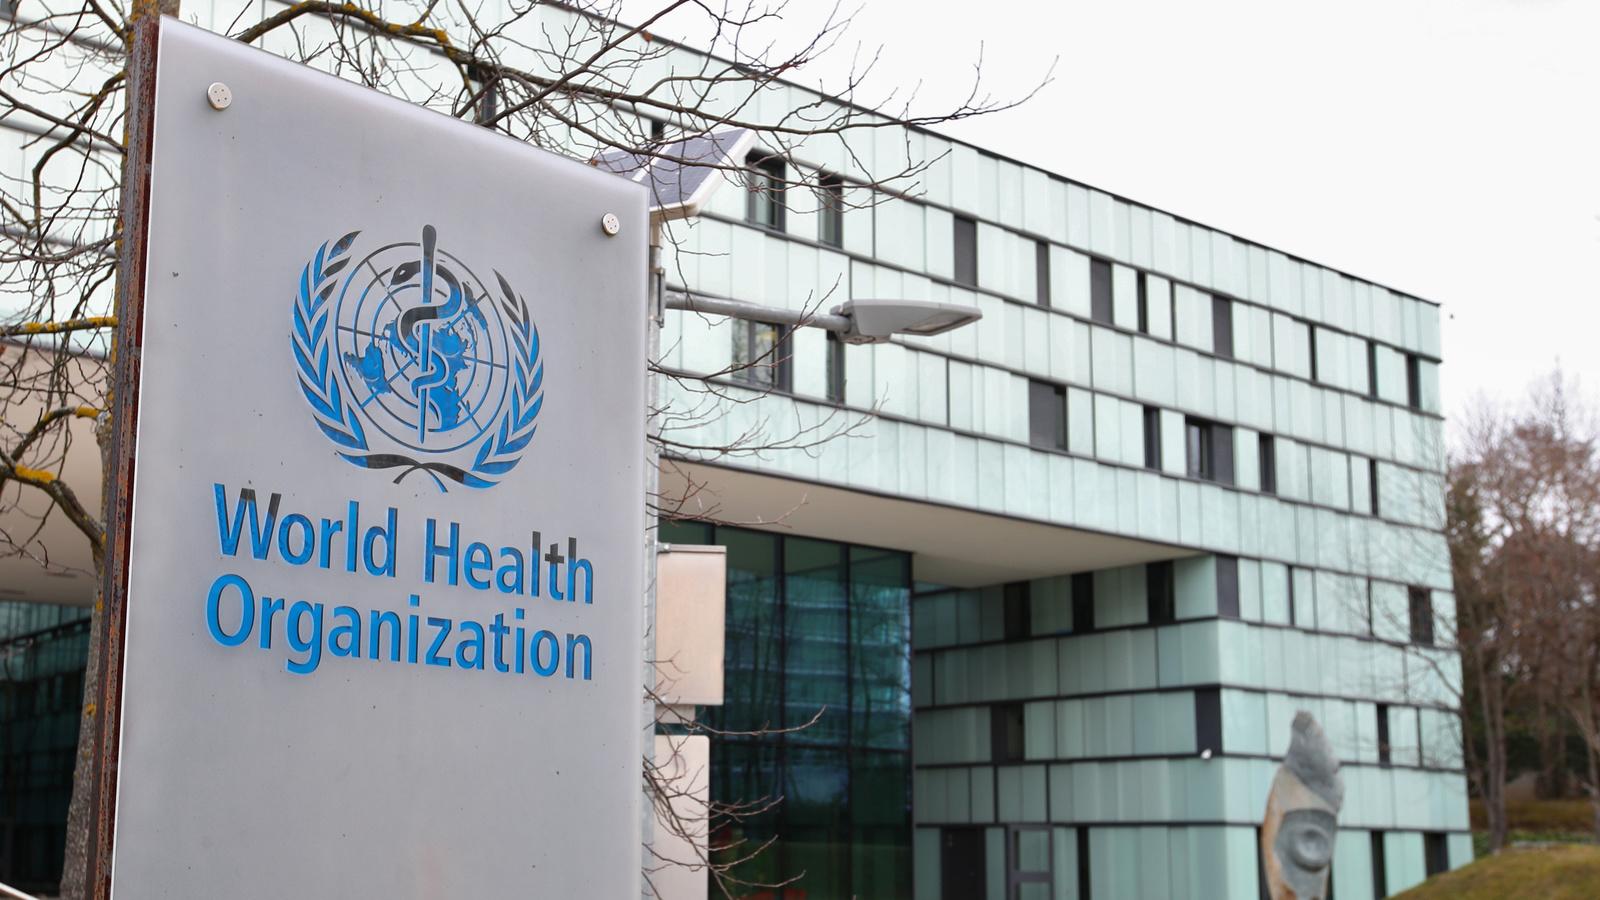 ΠΟΥ: Η πανδημία έφερε στο φως τις αδυναμίες του Παγκόσμιου Οργανισμού Υγείας